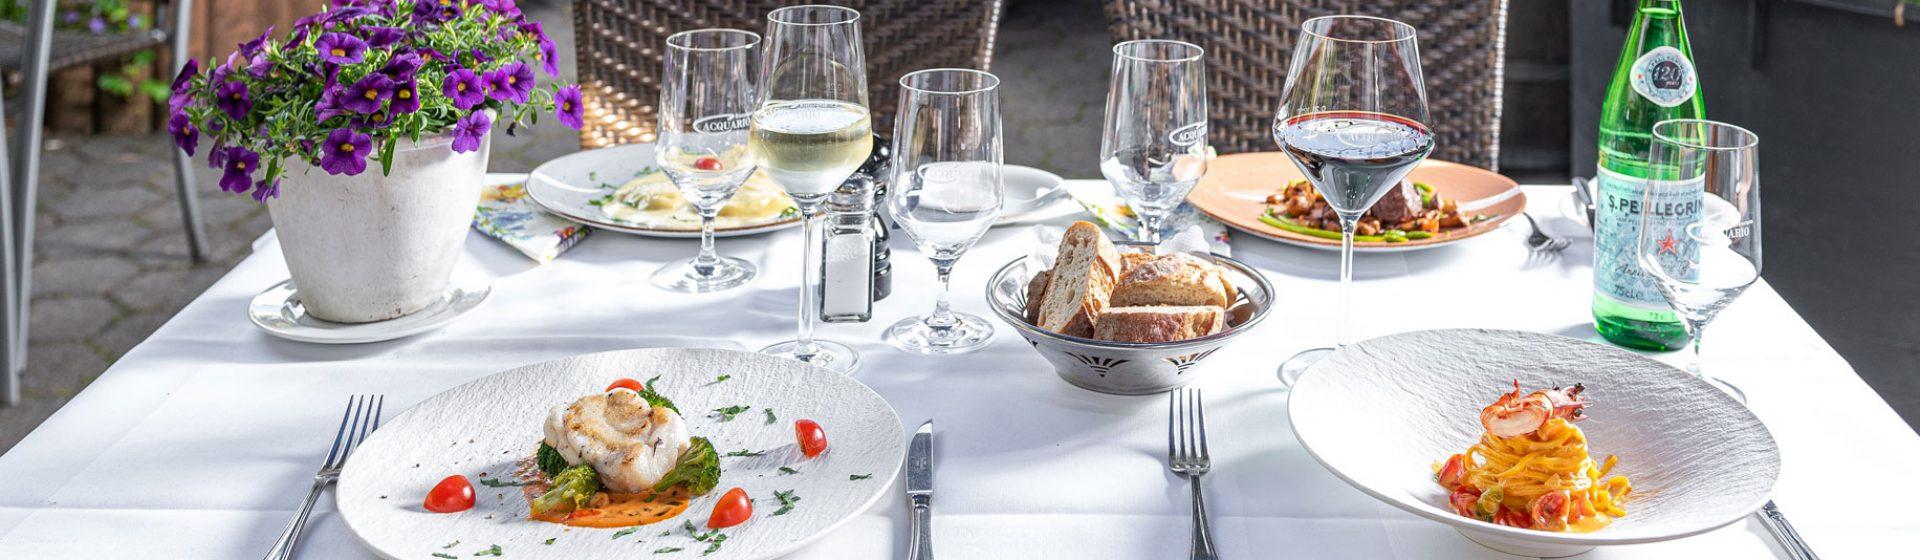 Acquario italienischer Mittagstisch